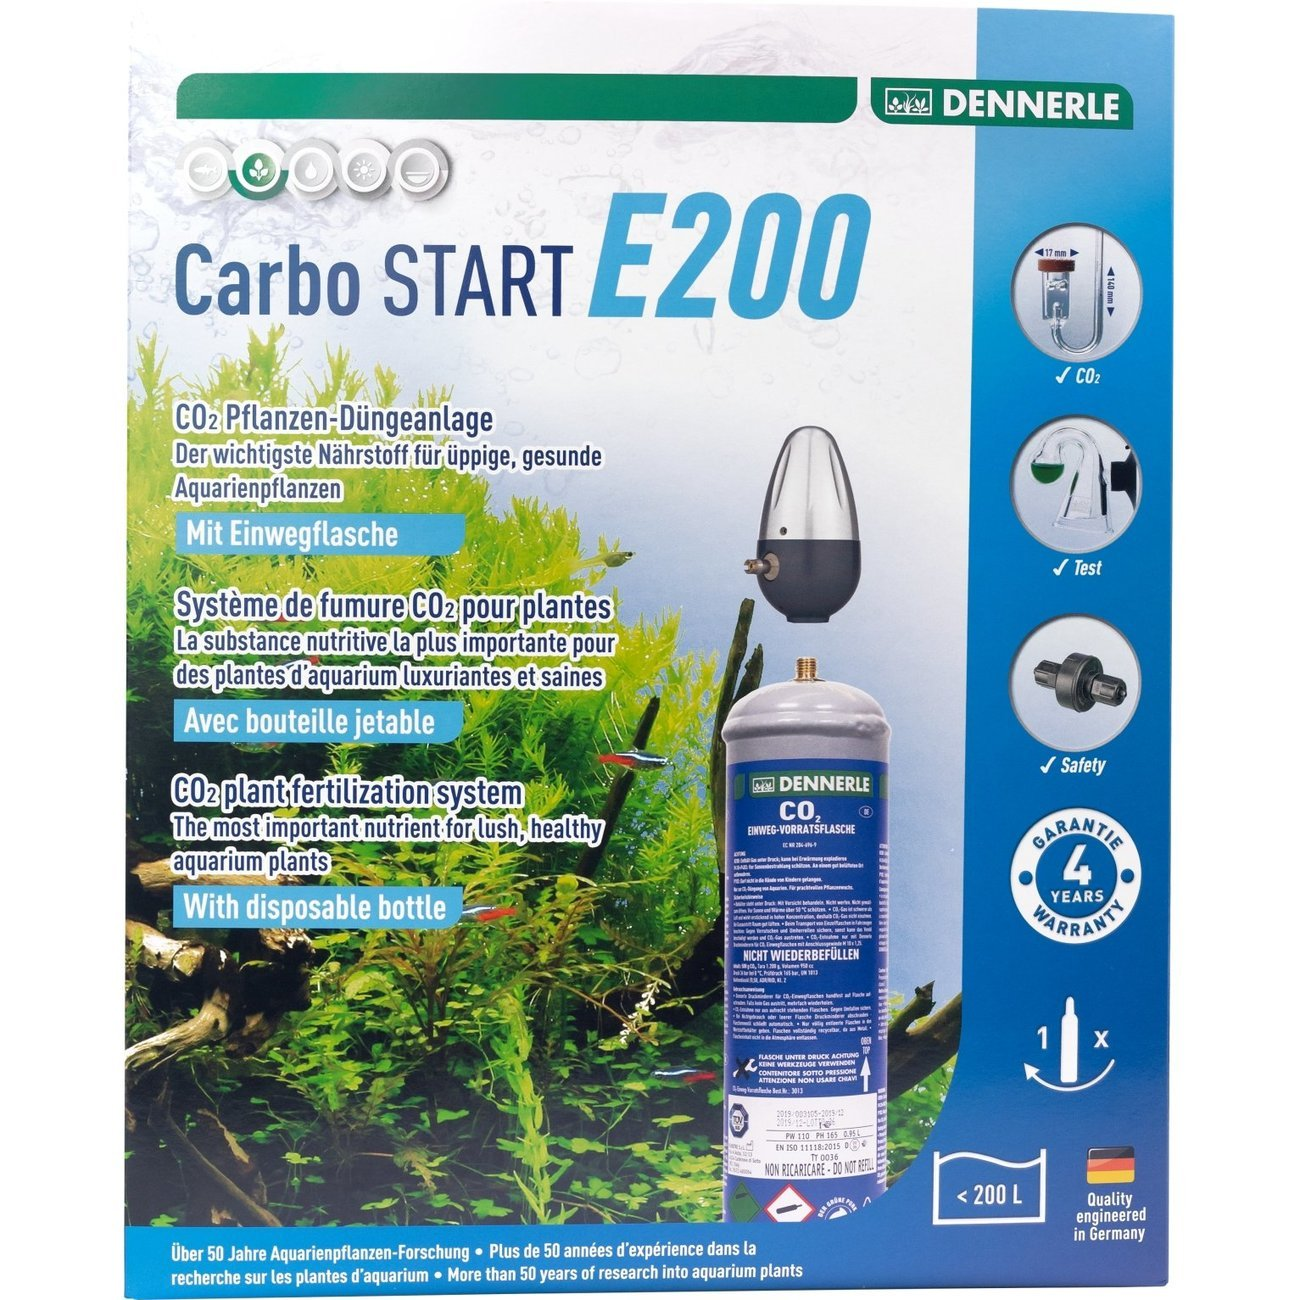 Dennerle CO2 Einweg Vorratsflaschen Komplettset